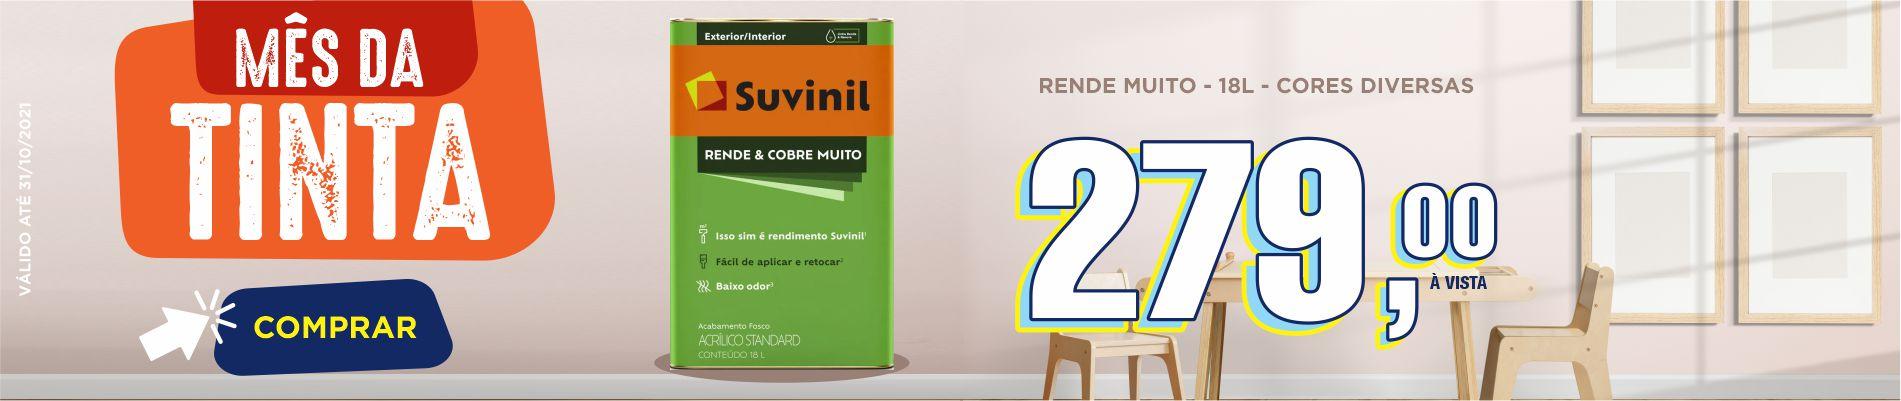 Banner Tinta Rende Muito - Inicio: 01/10/21